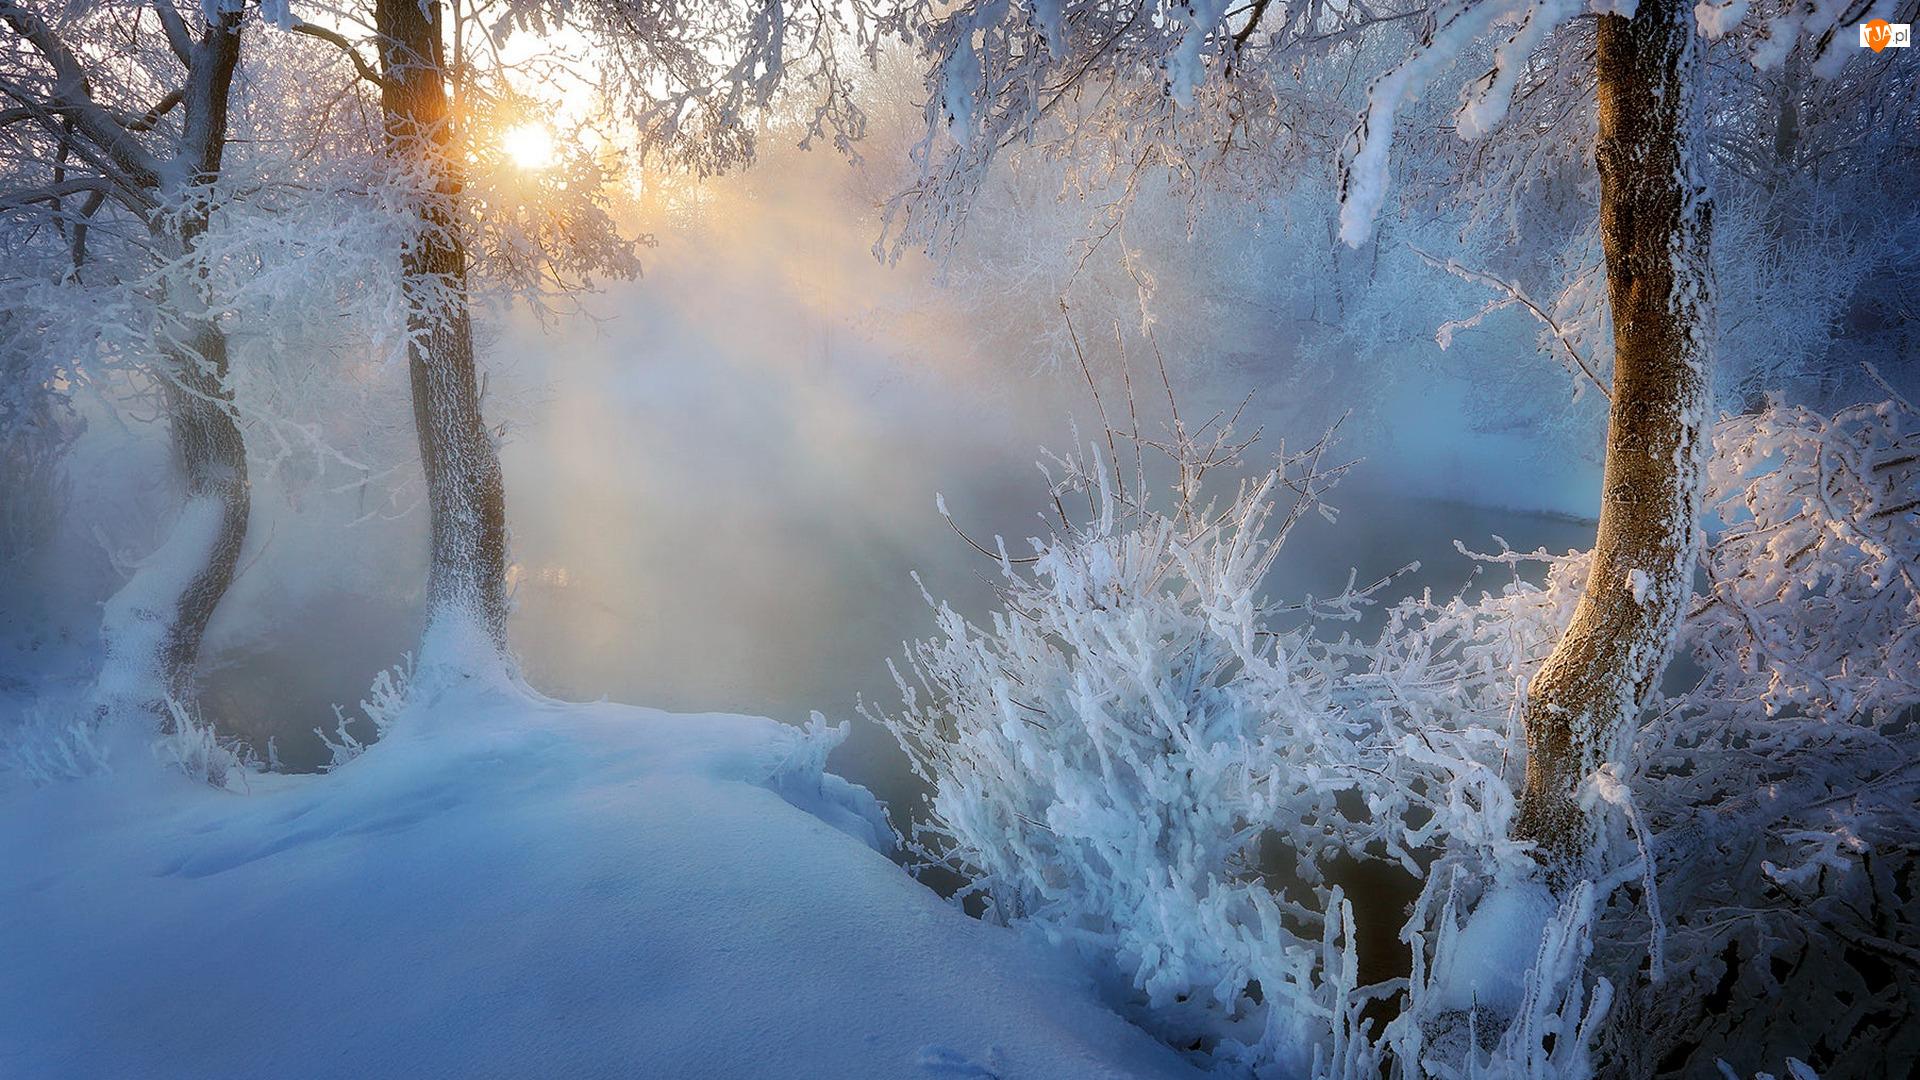 Drzewa, Krzewy, Promienie słońca, Zima, Mgła, Rzeka, Śnieg